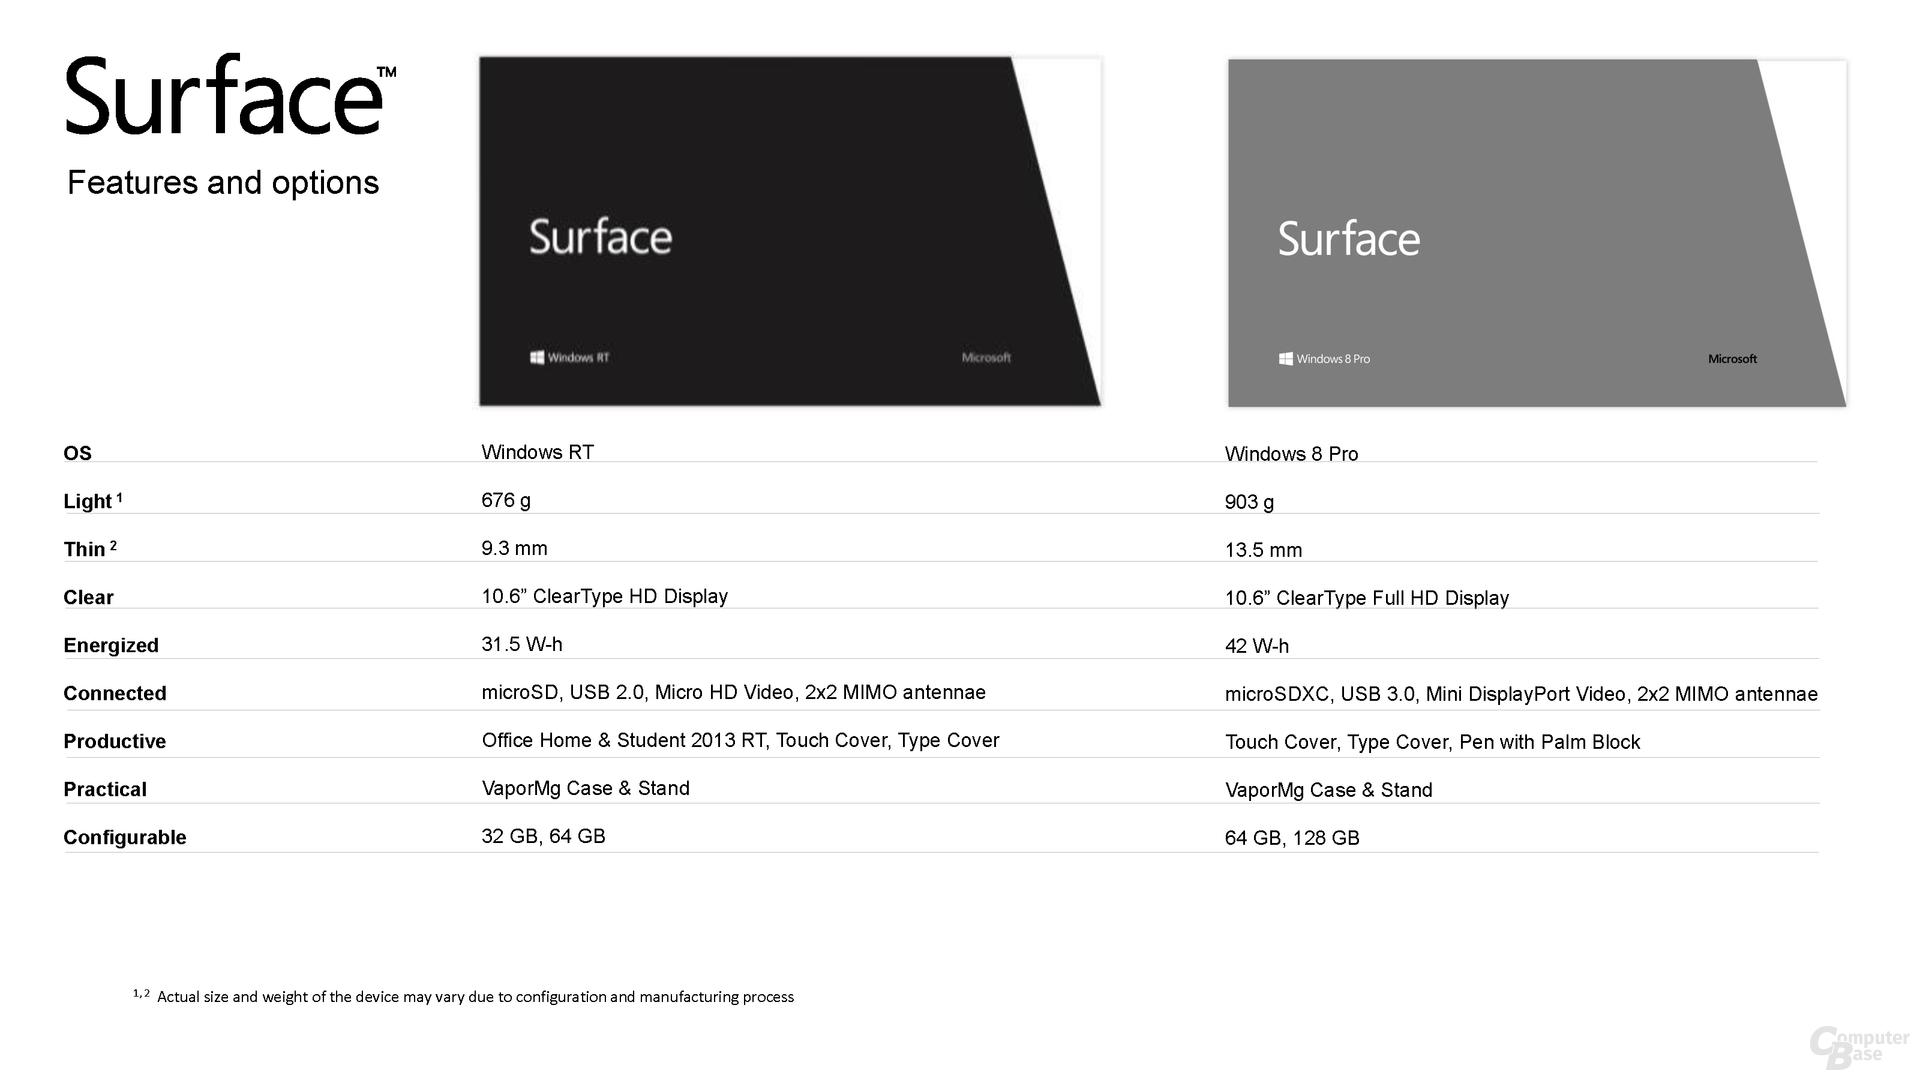 Spezifikationen des Surface-Tablets